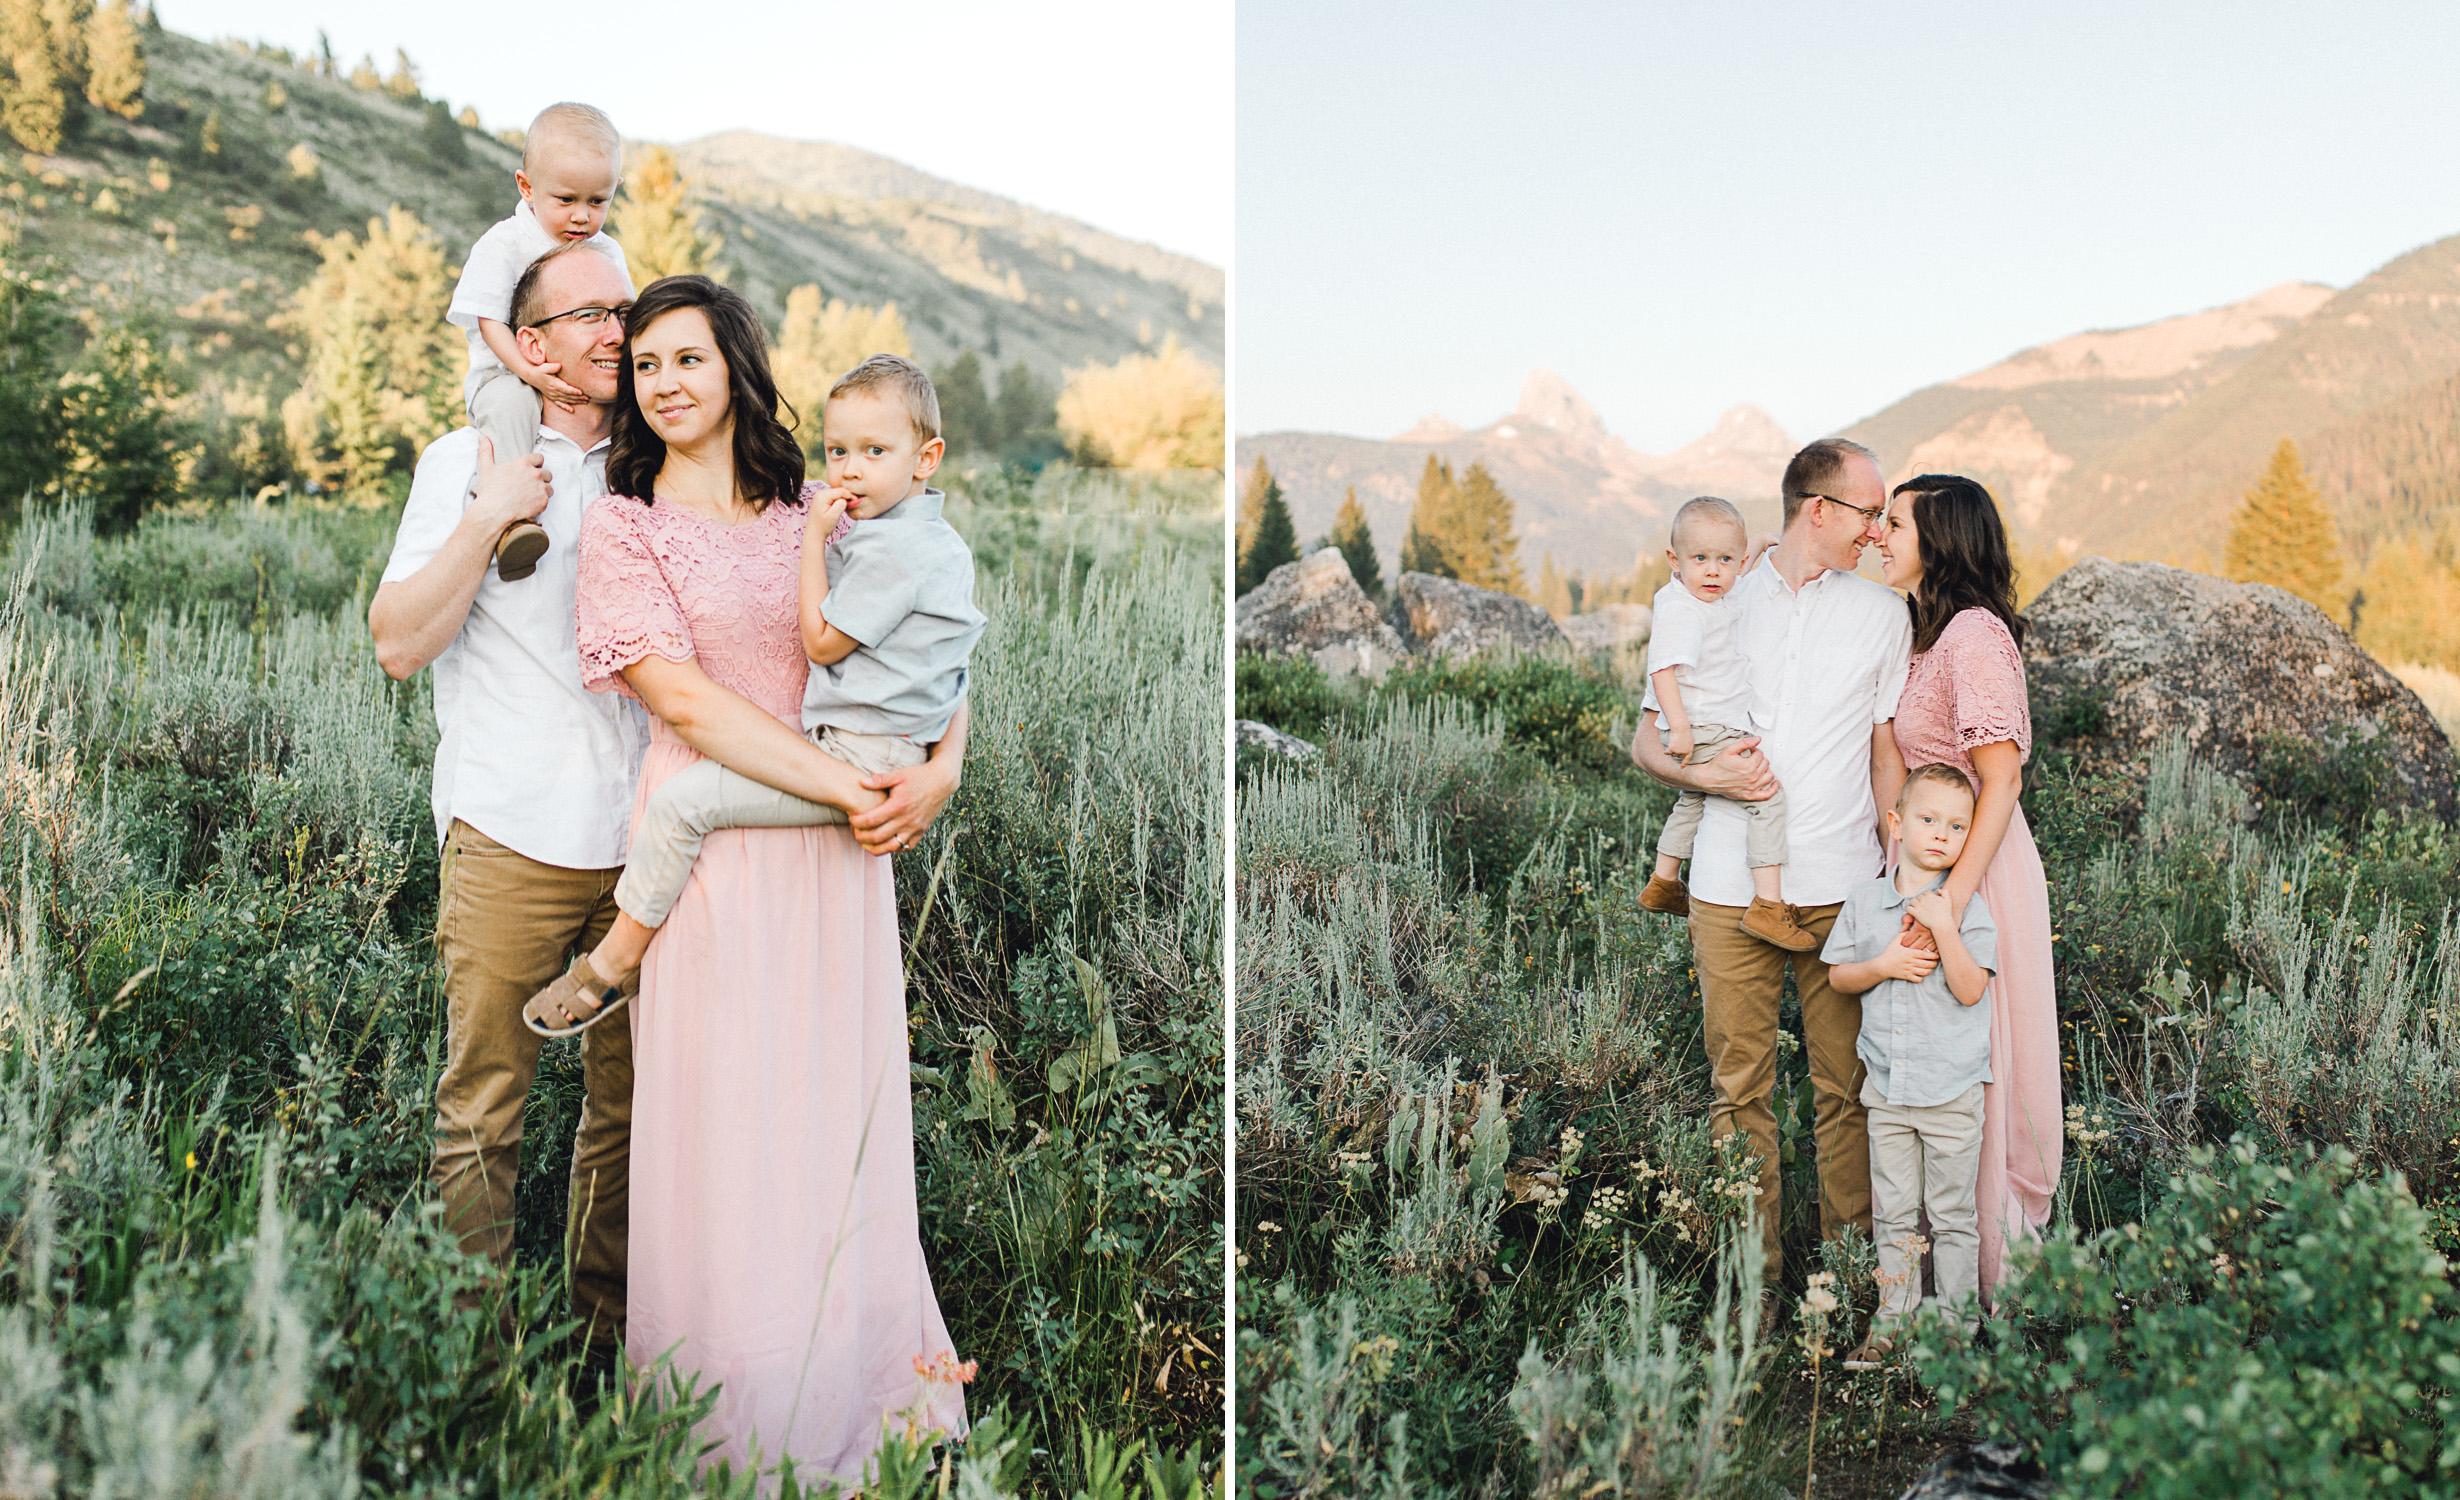 teton-mountain-family-photography-alta-wyoming-driggs-idaho-rexburg-idaho-family-photographer12.jpg